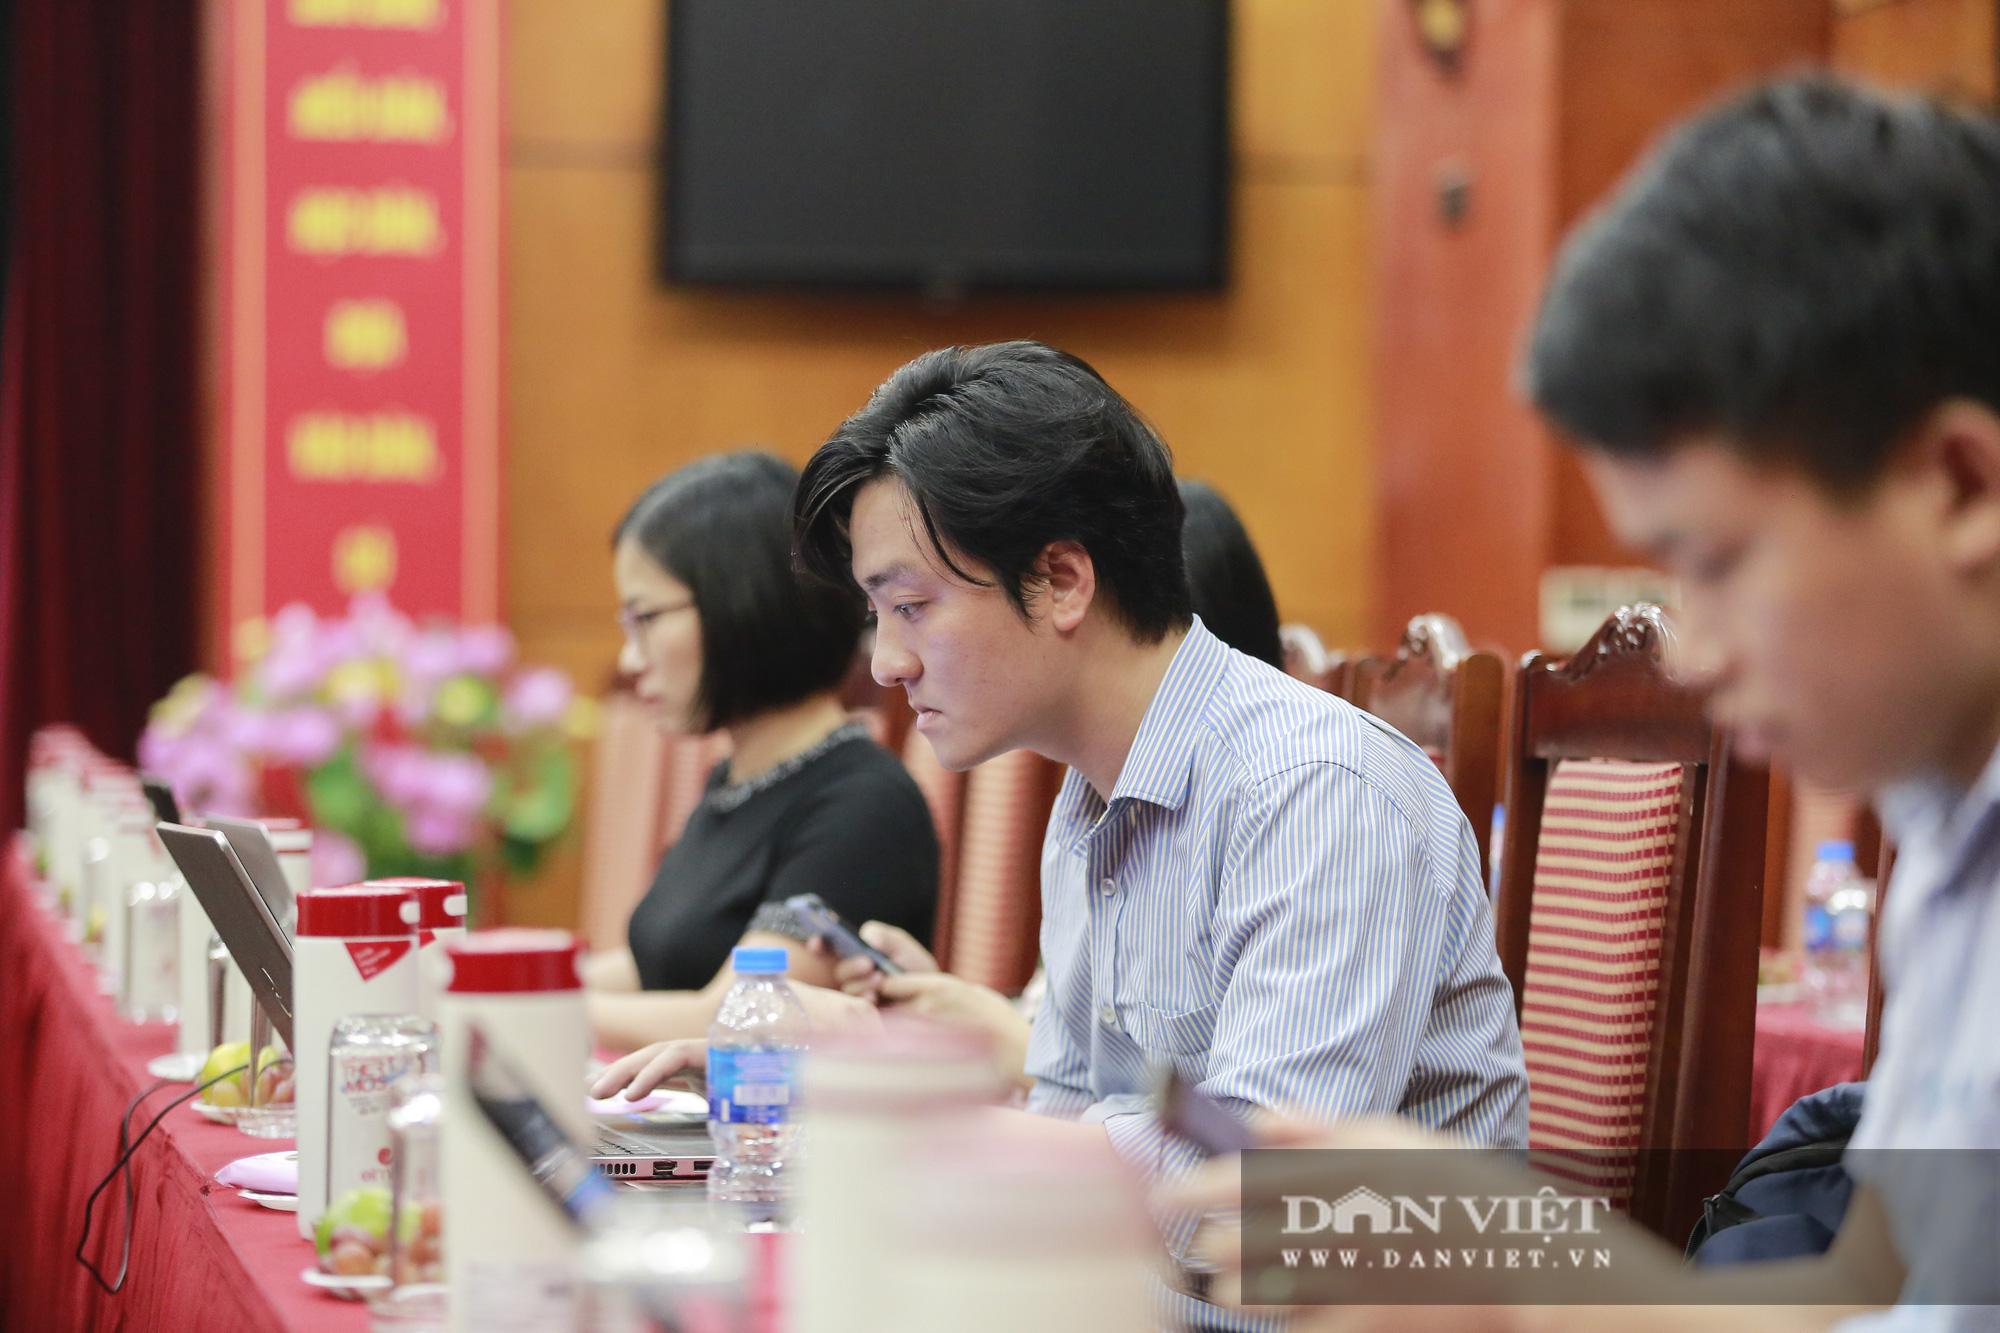 Toàn cảnh Họp báo kỷ niệm 90 năm Ngày thành lập Hội Nông dân Việt Nam - Ảnh 9.